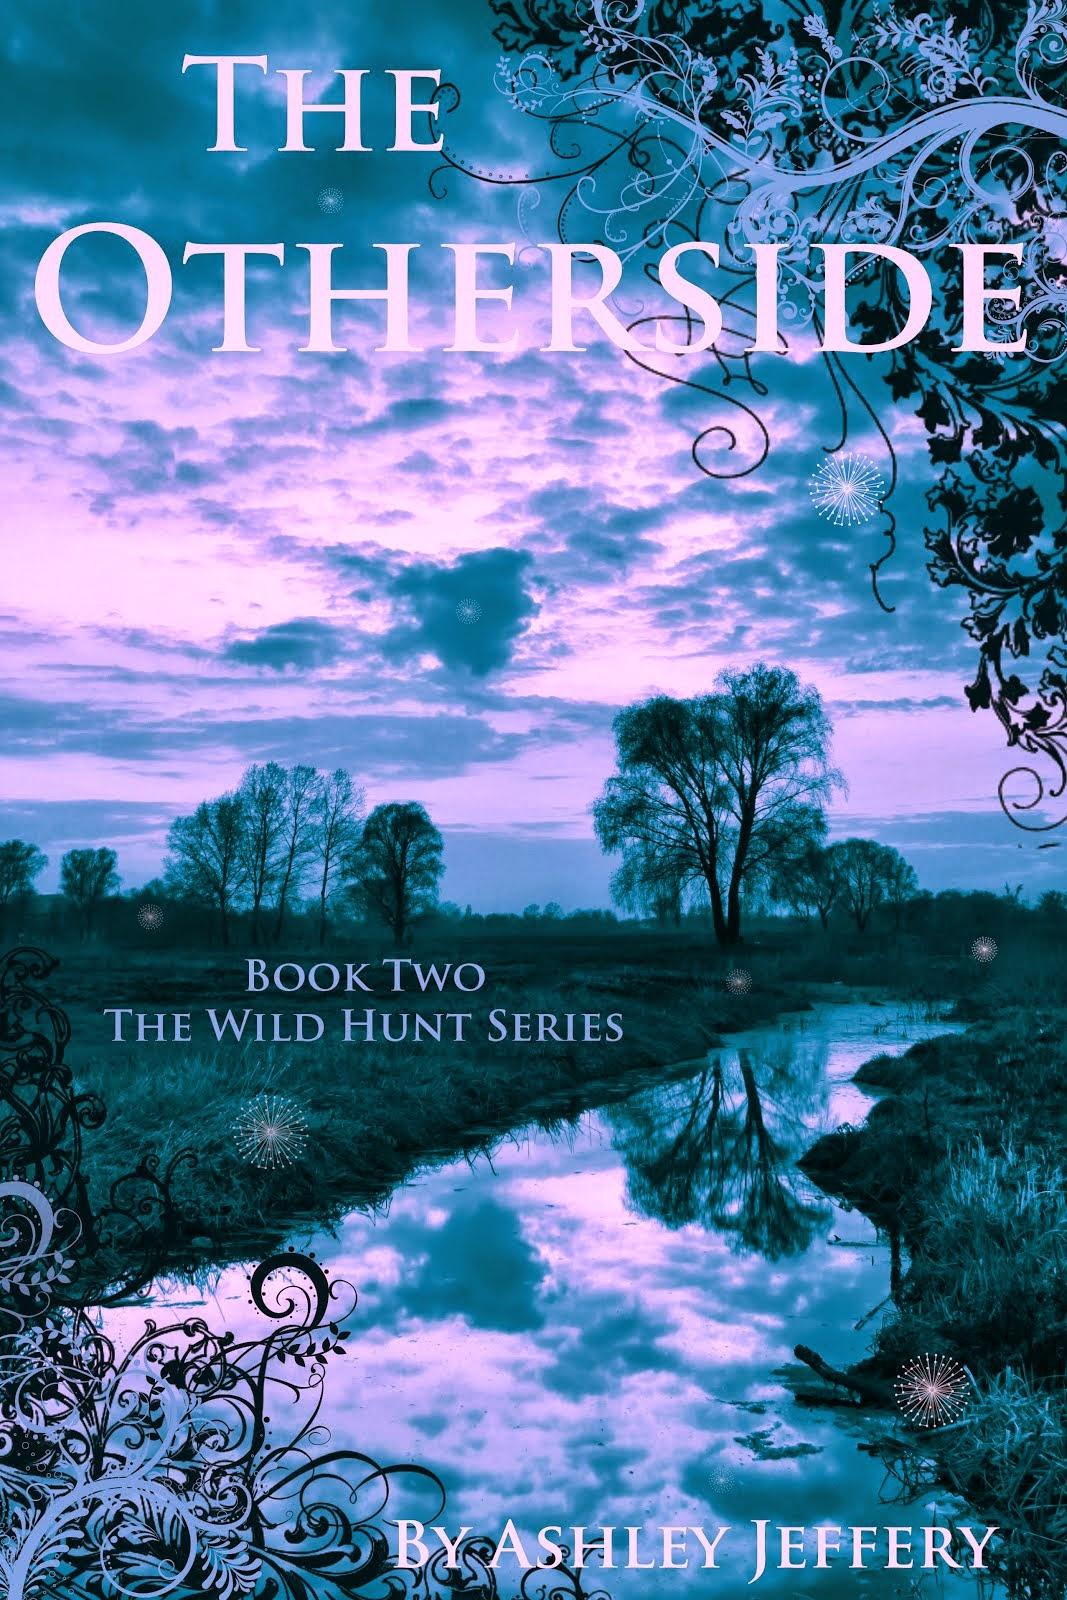 Buy The Otherside on Amazon!!!